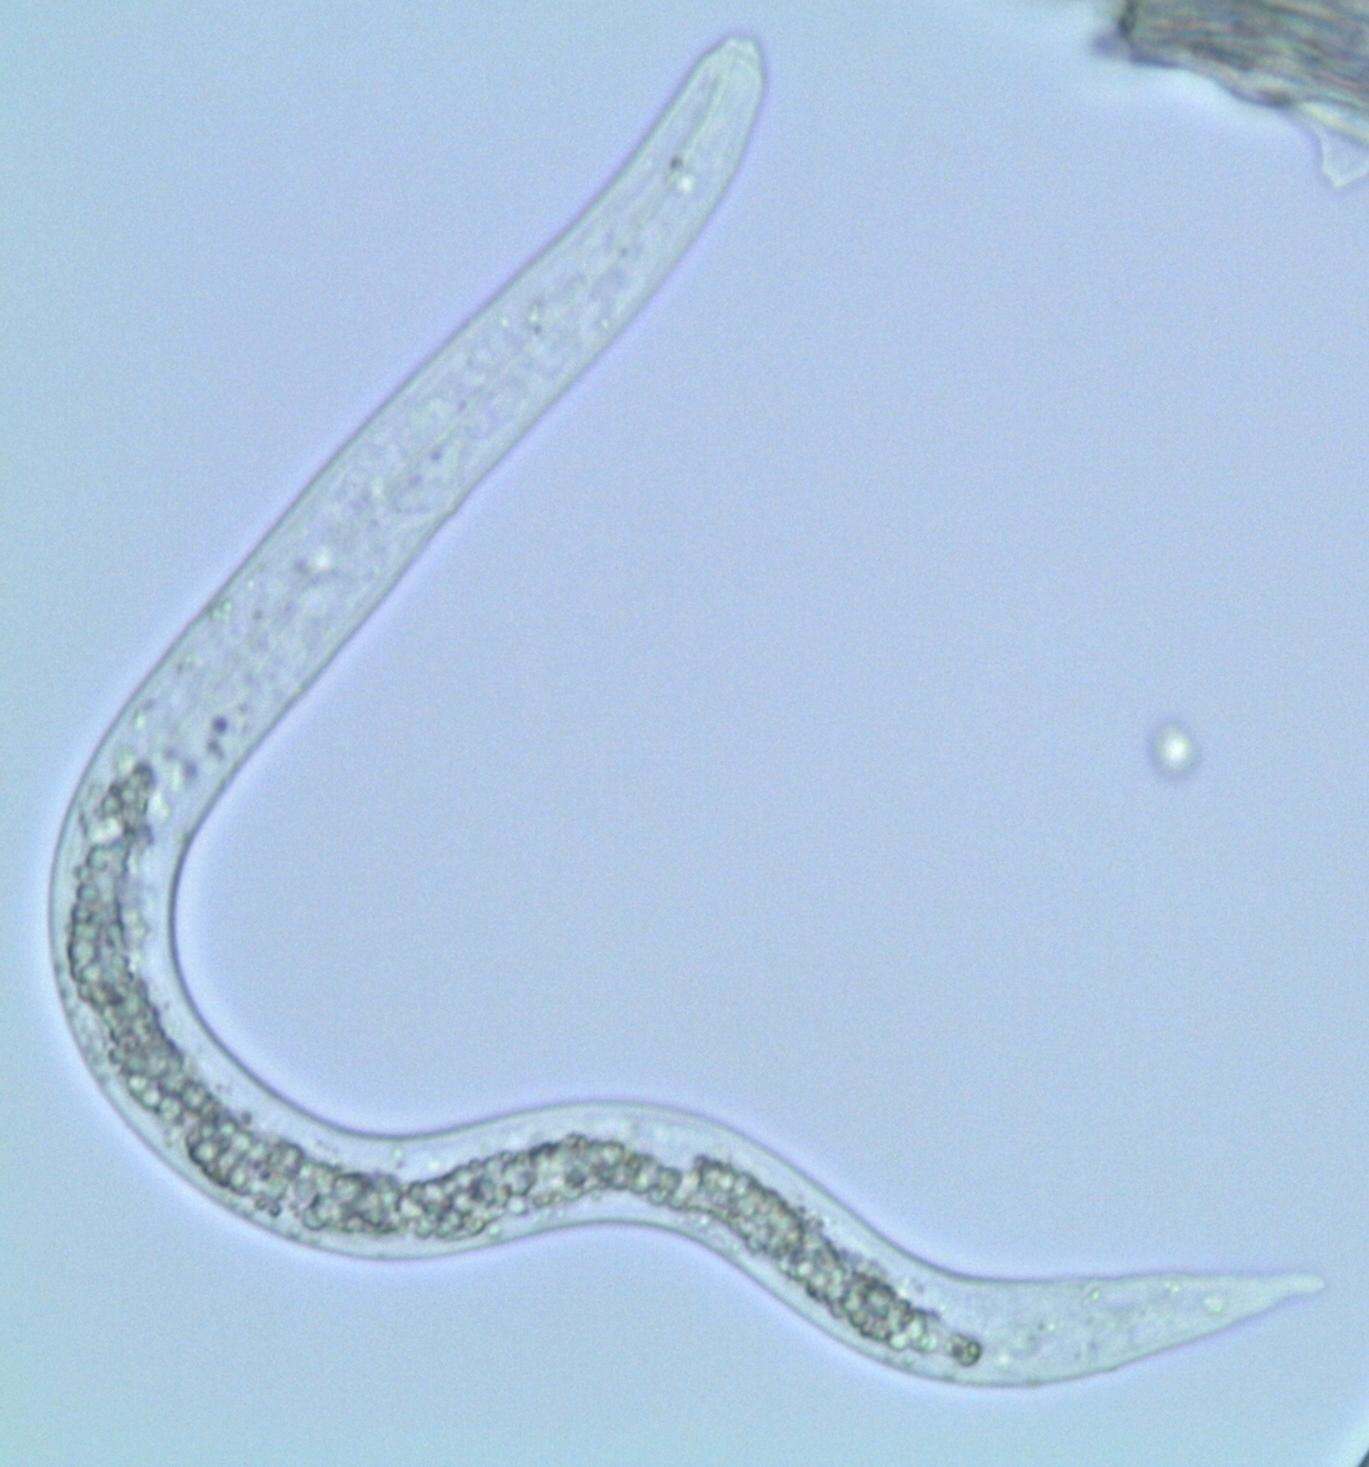 File:Ascaris Larva (hatched On Slide) (18280430596).jpg